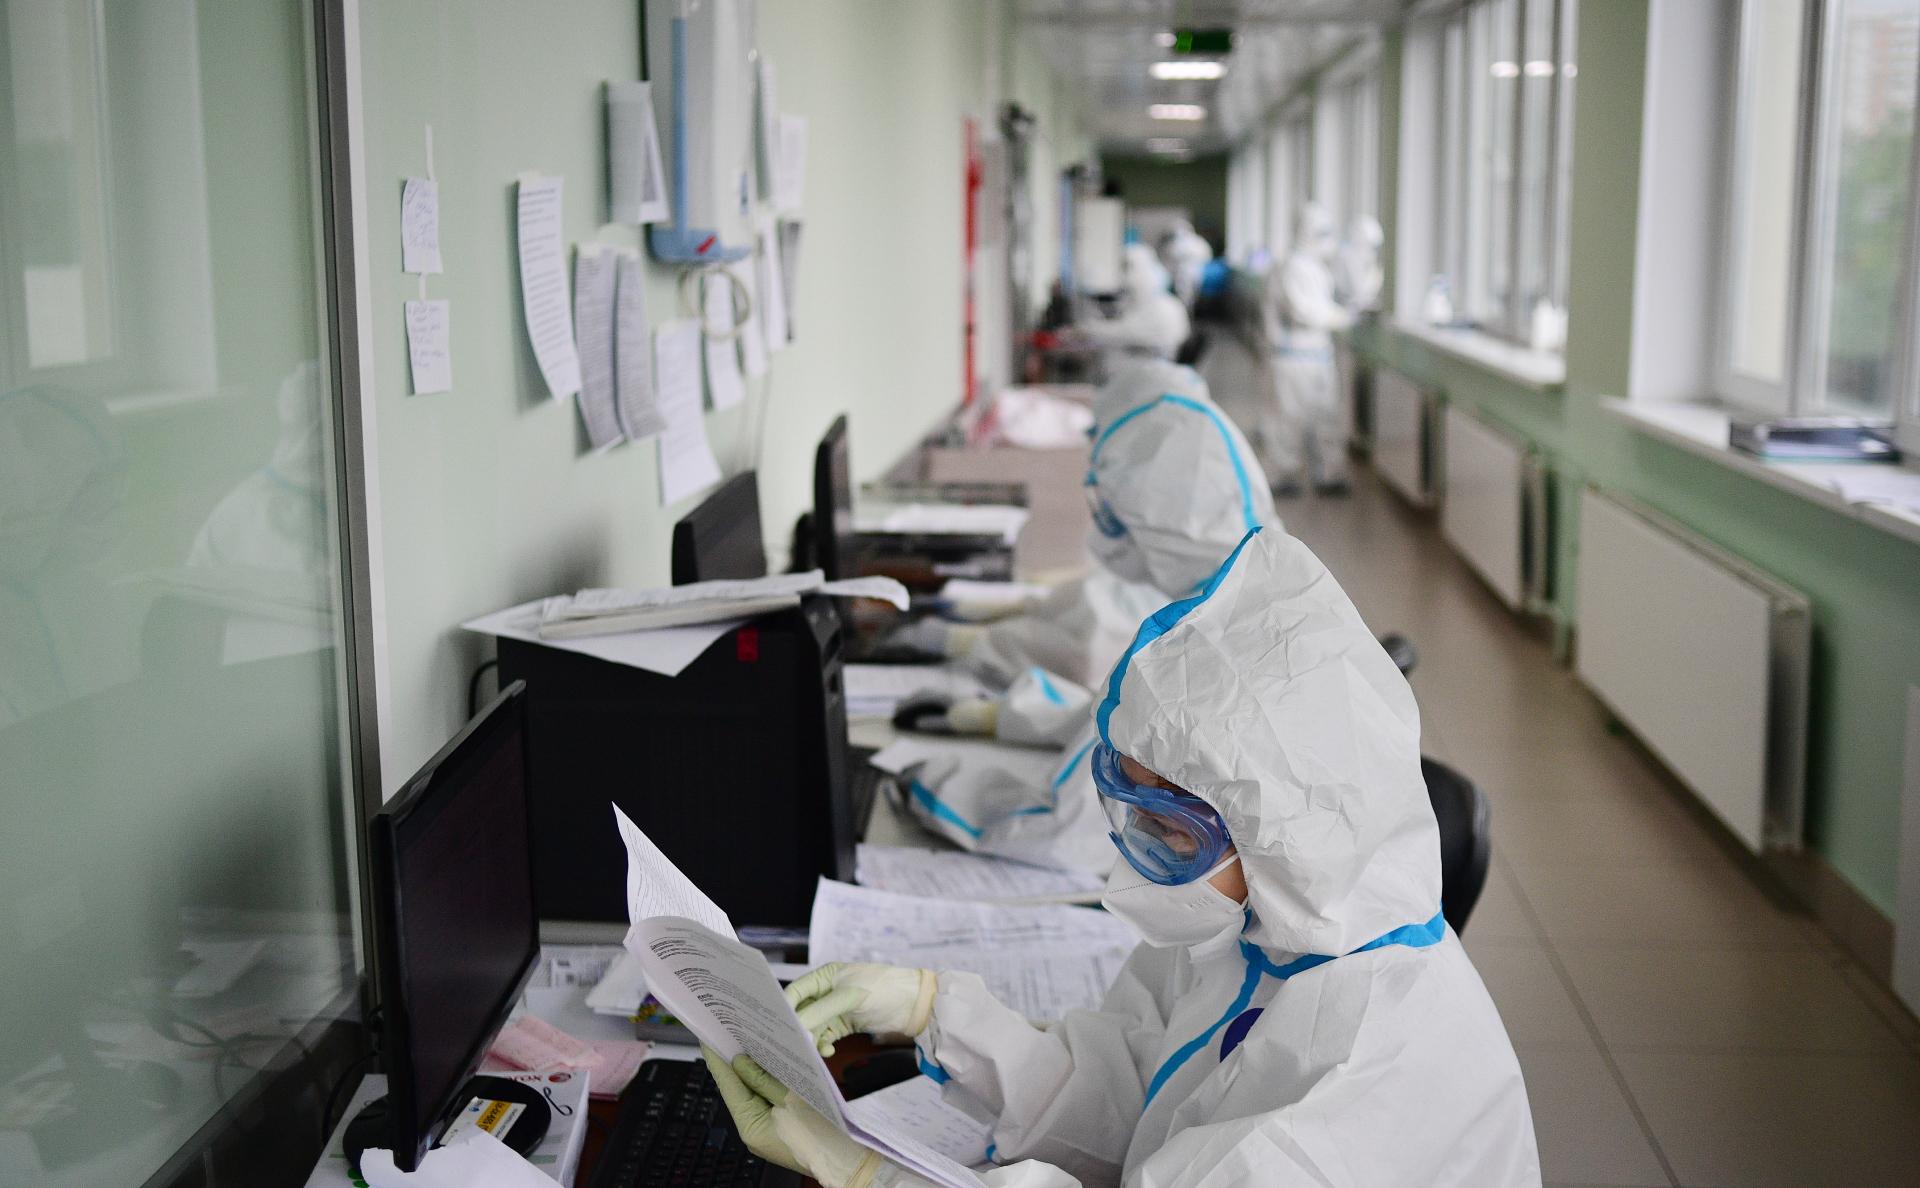 В Москве умерли еще 35 человек с коронавирусом